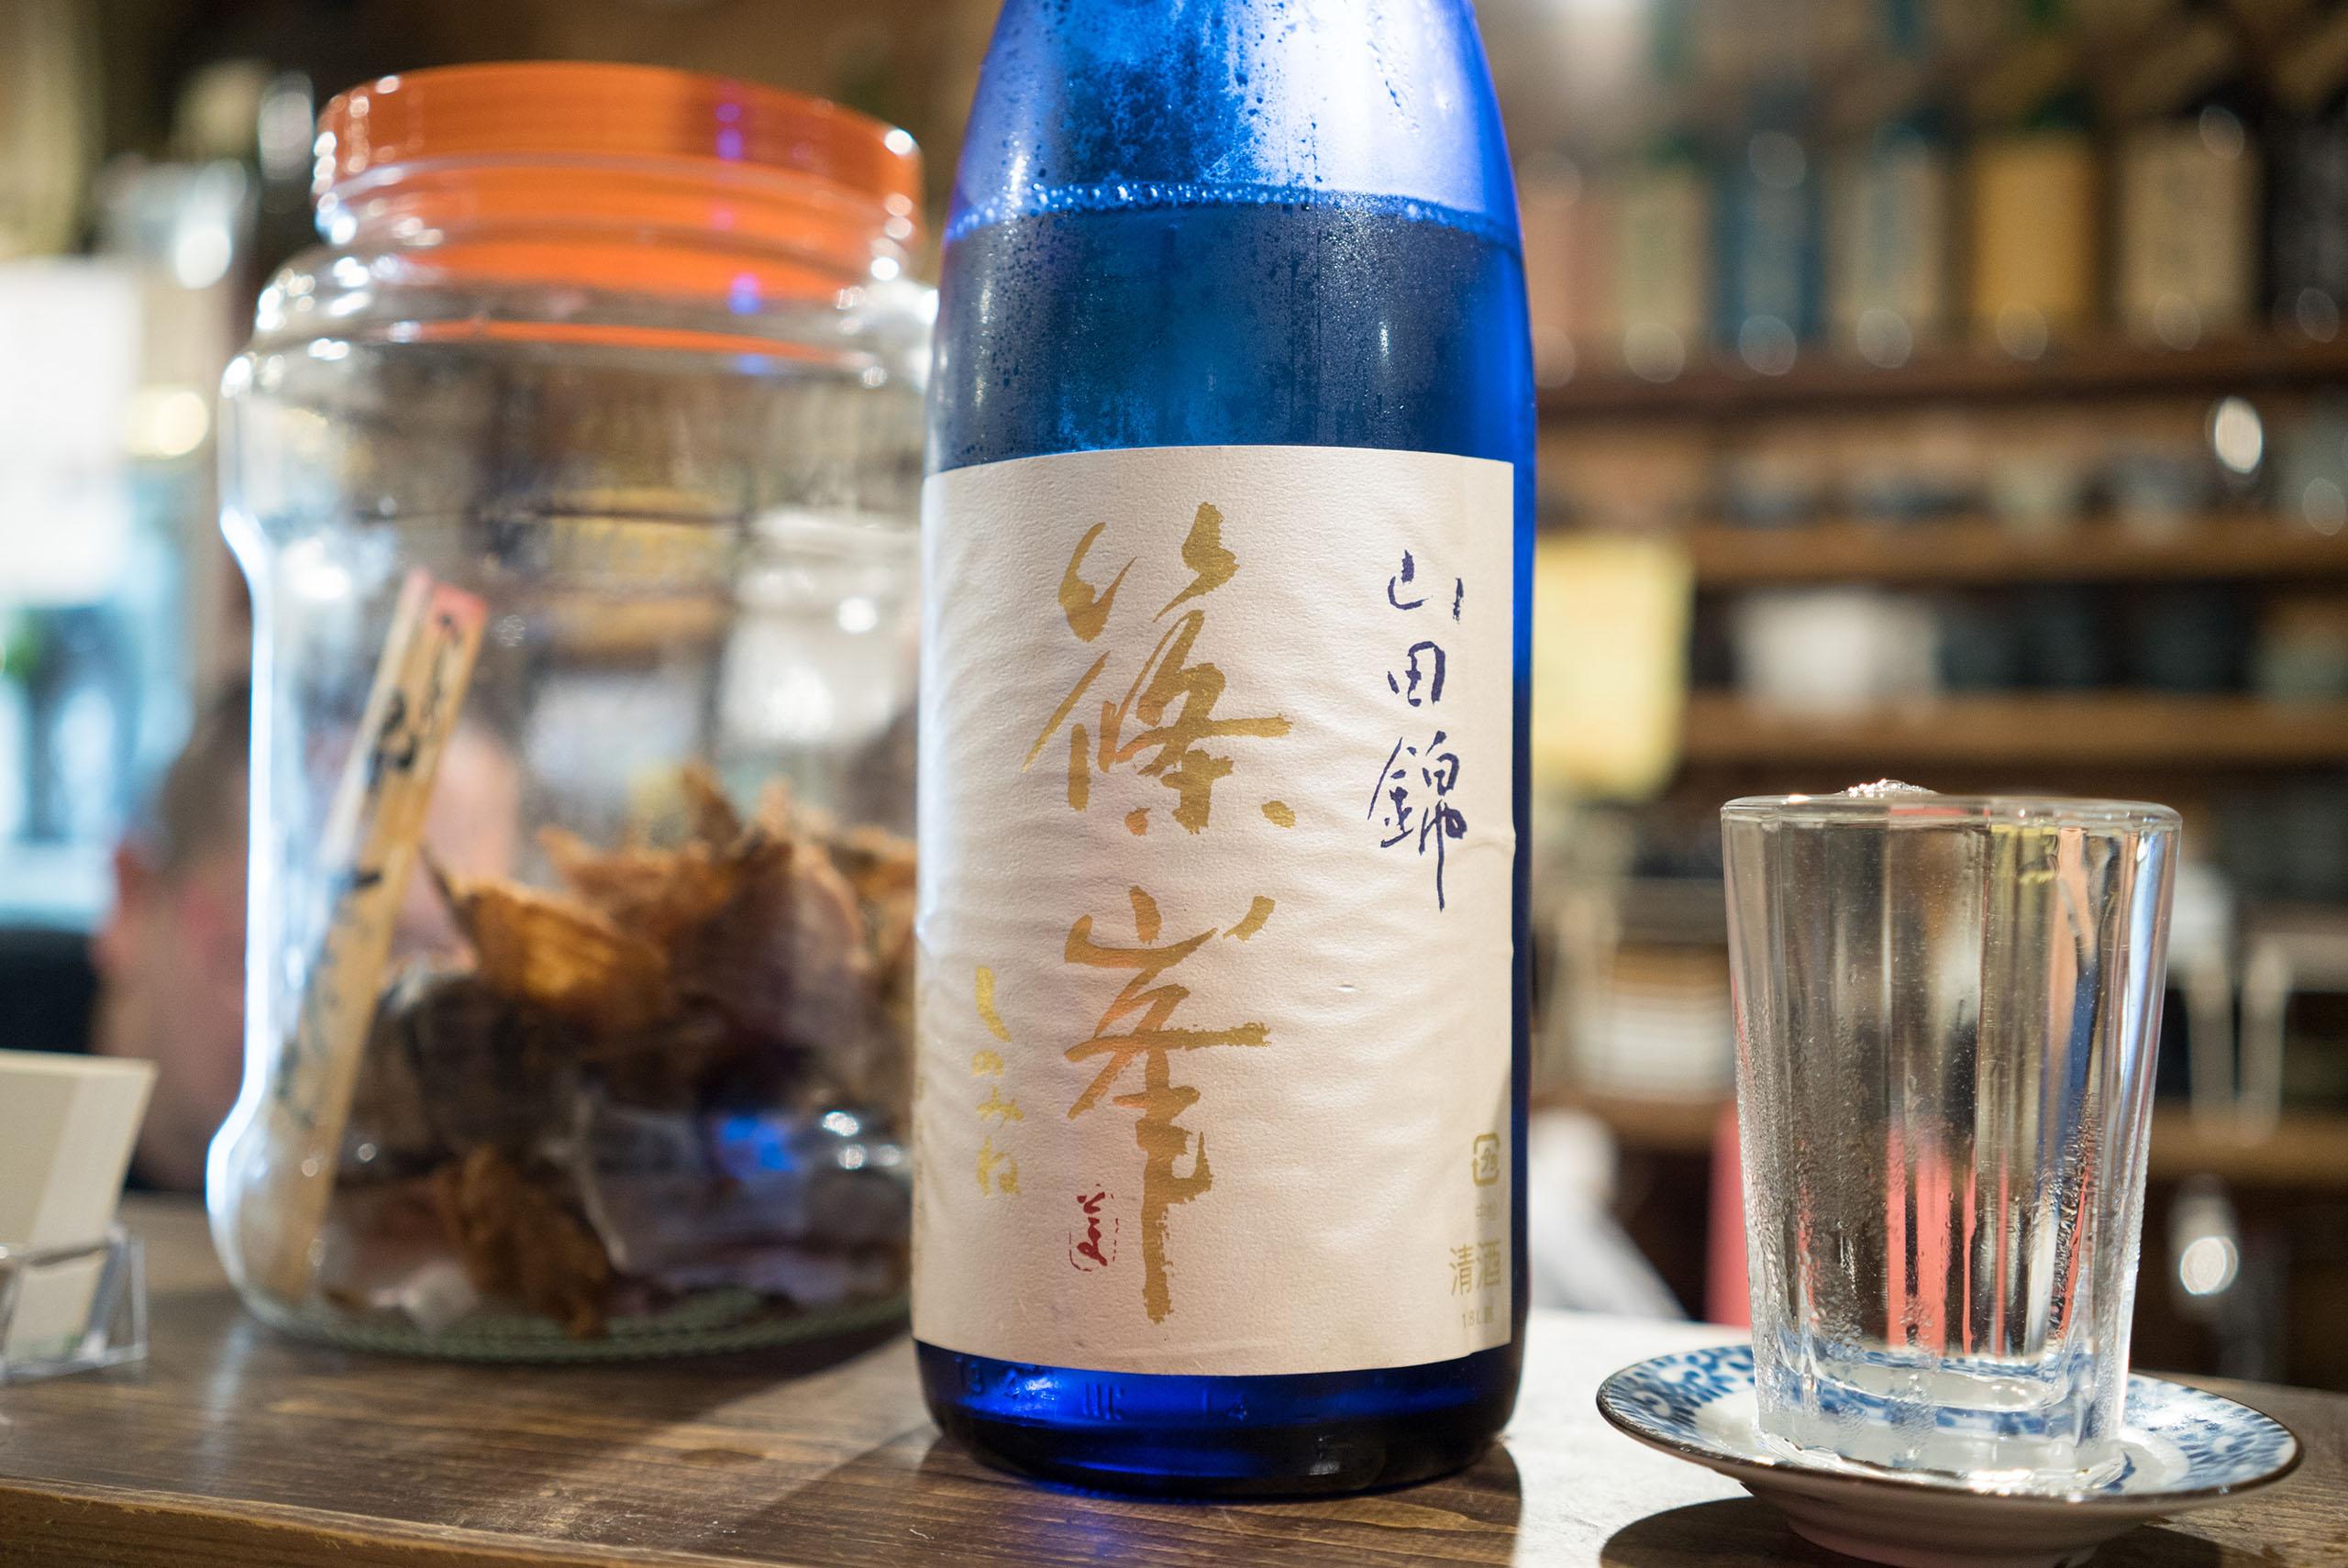 시노미네 쥰마이다이긴죠 야마다니시키 미가키욘와리